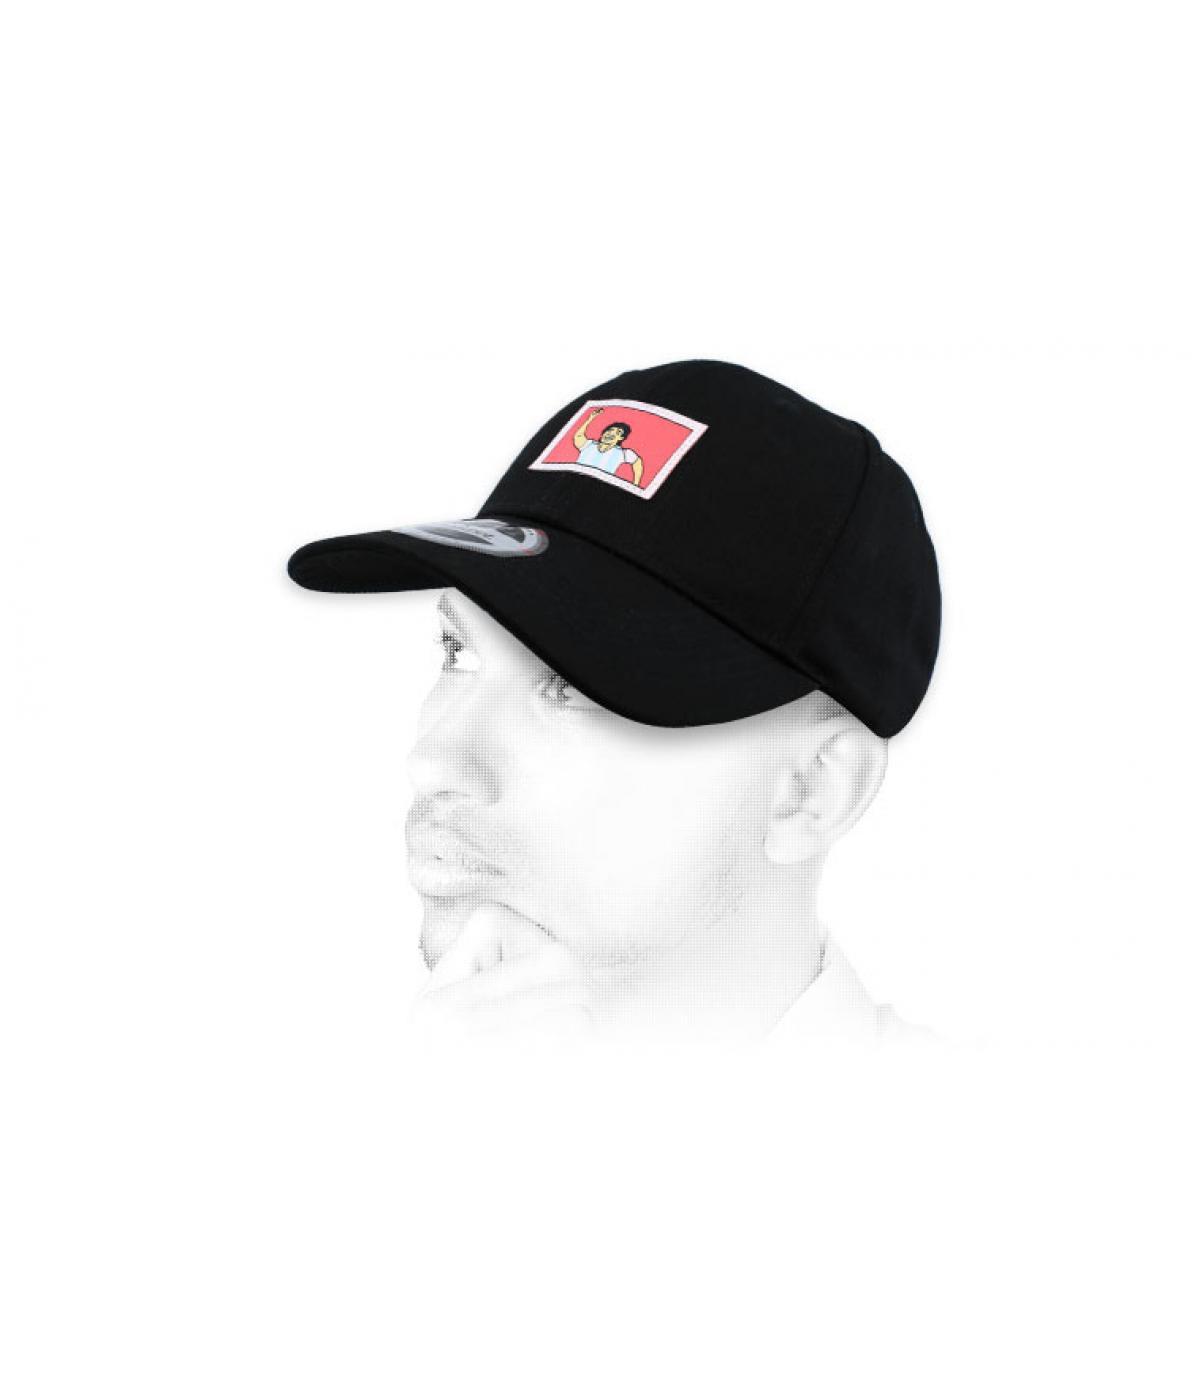 Zwarte cap van Napels